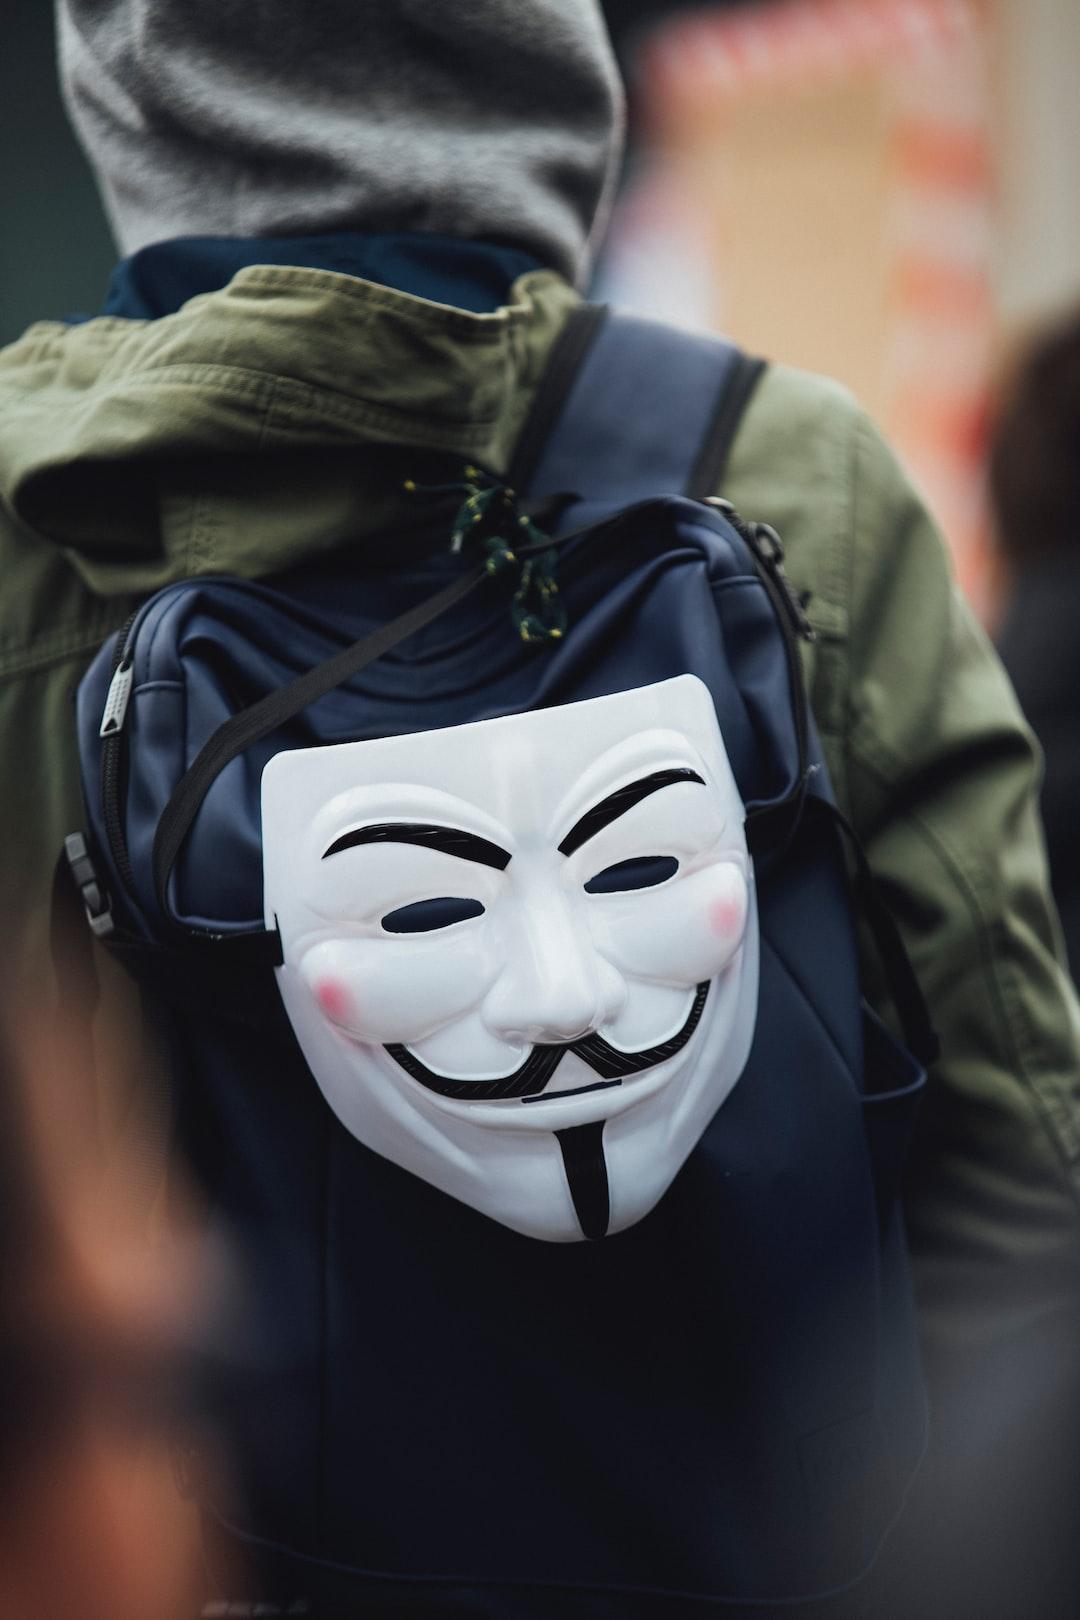 Save Your Internet – Demo against Uploadfilter – Article 13 #CensorshipMachine. March 16. 2019, Kornmarkt, Nürnberg, Germany